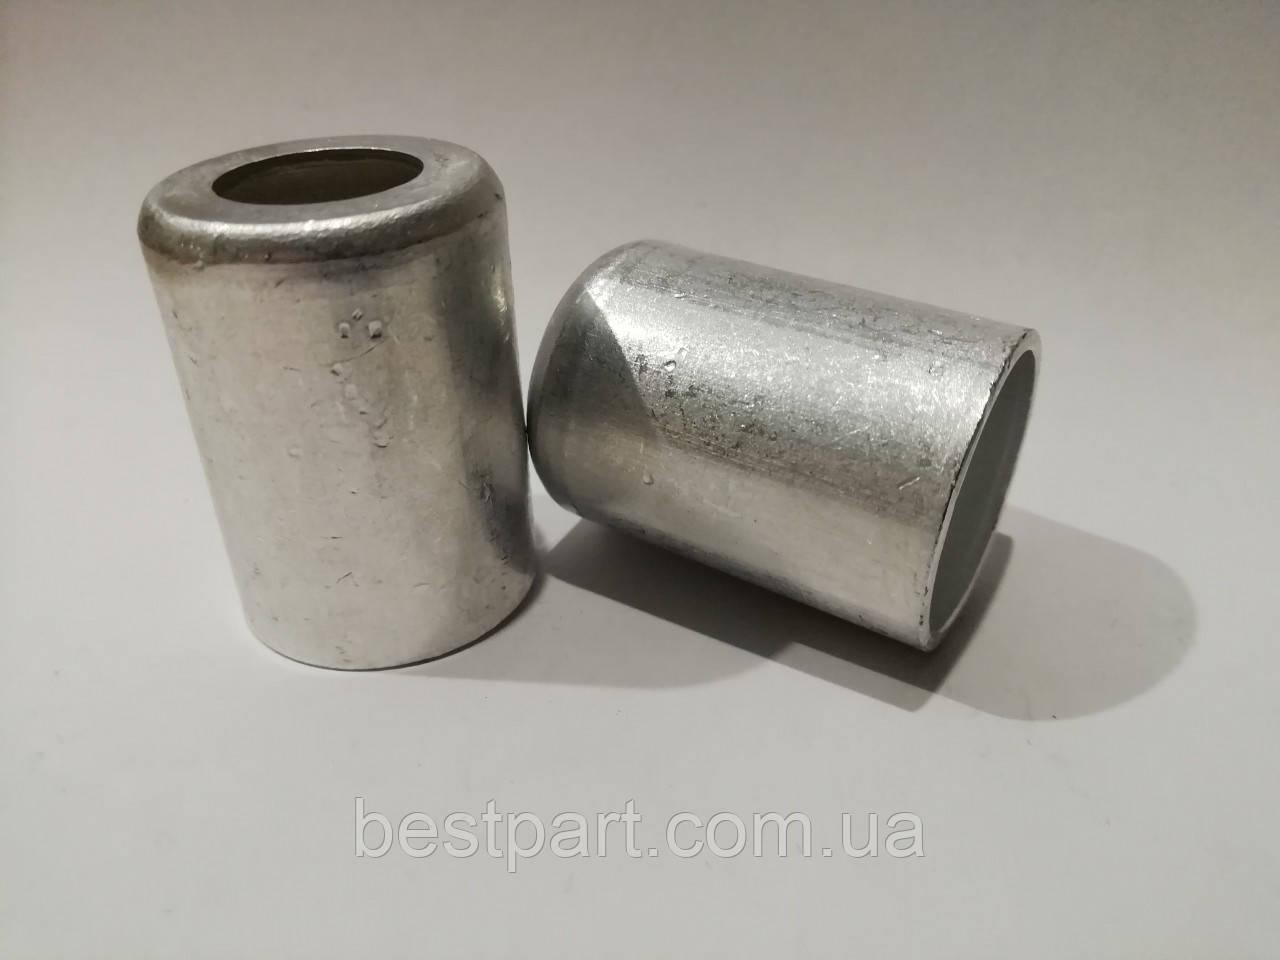 Стакан фітінга №8 алюміній (товстостінний)